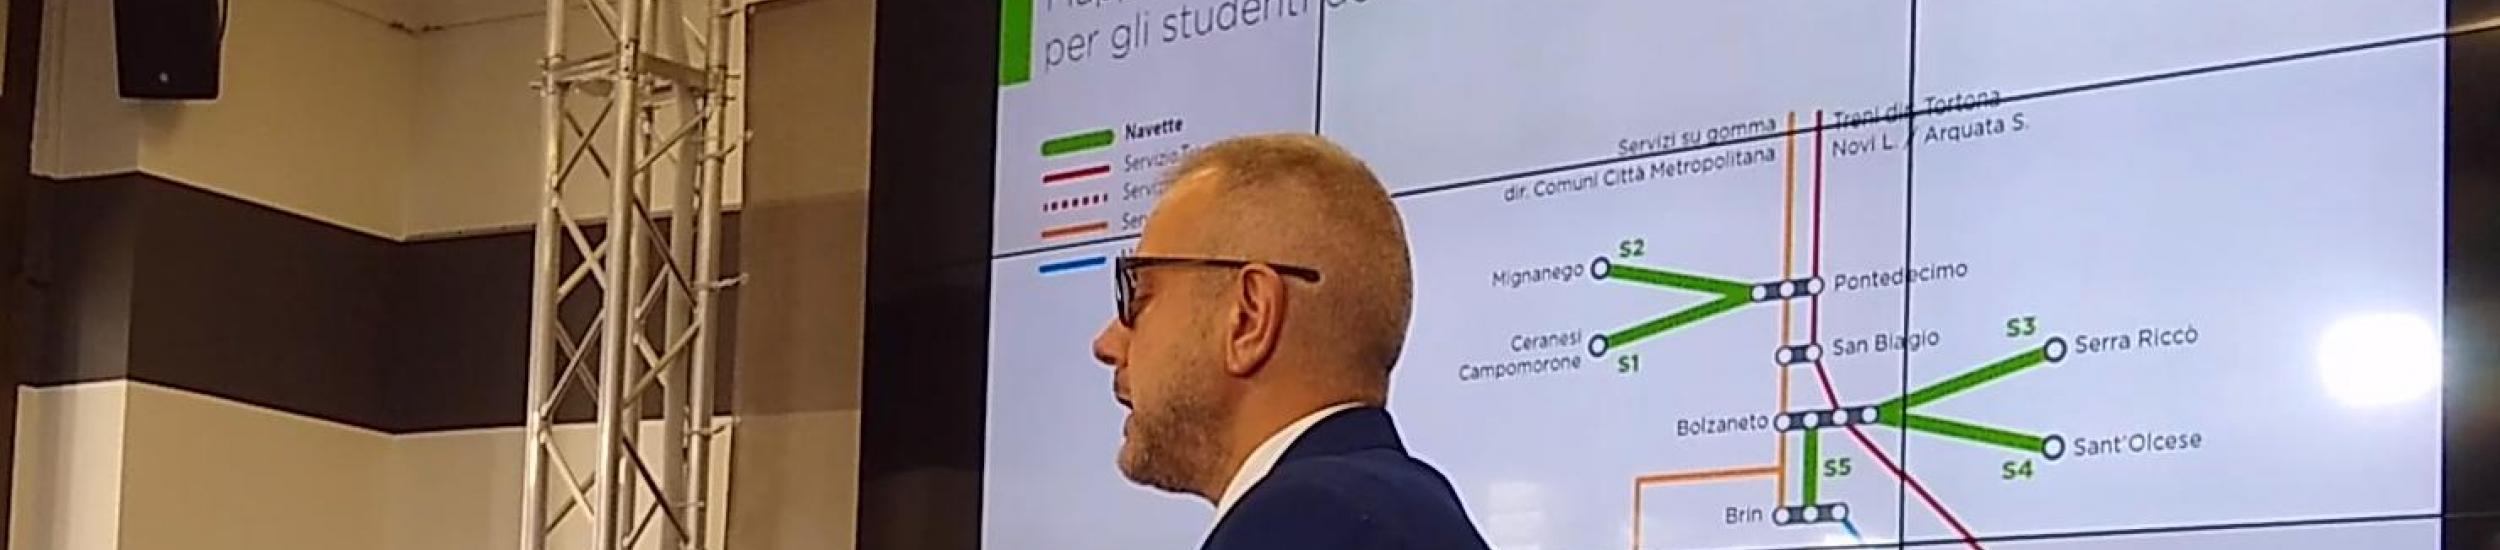 Roberto Cella Consigliere delegato all'Istruzione